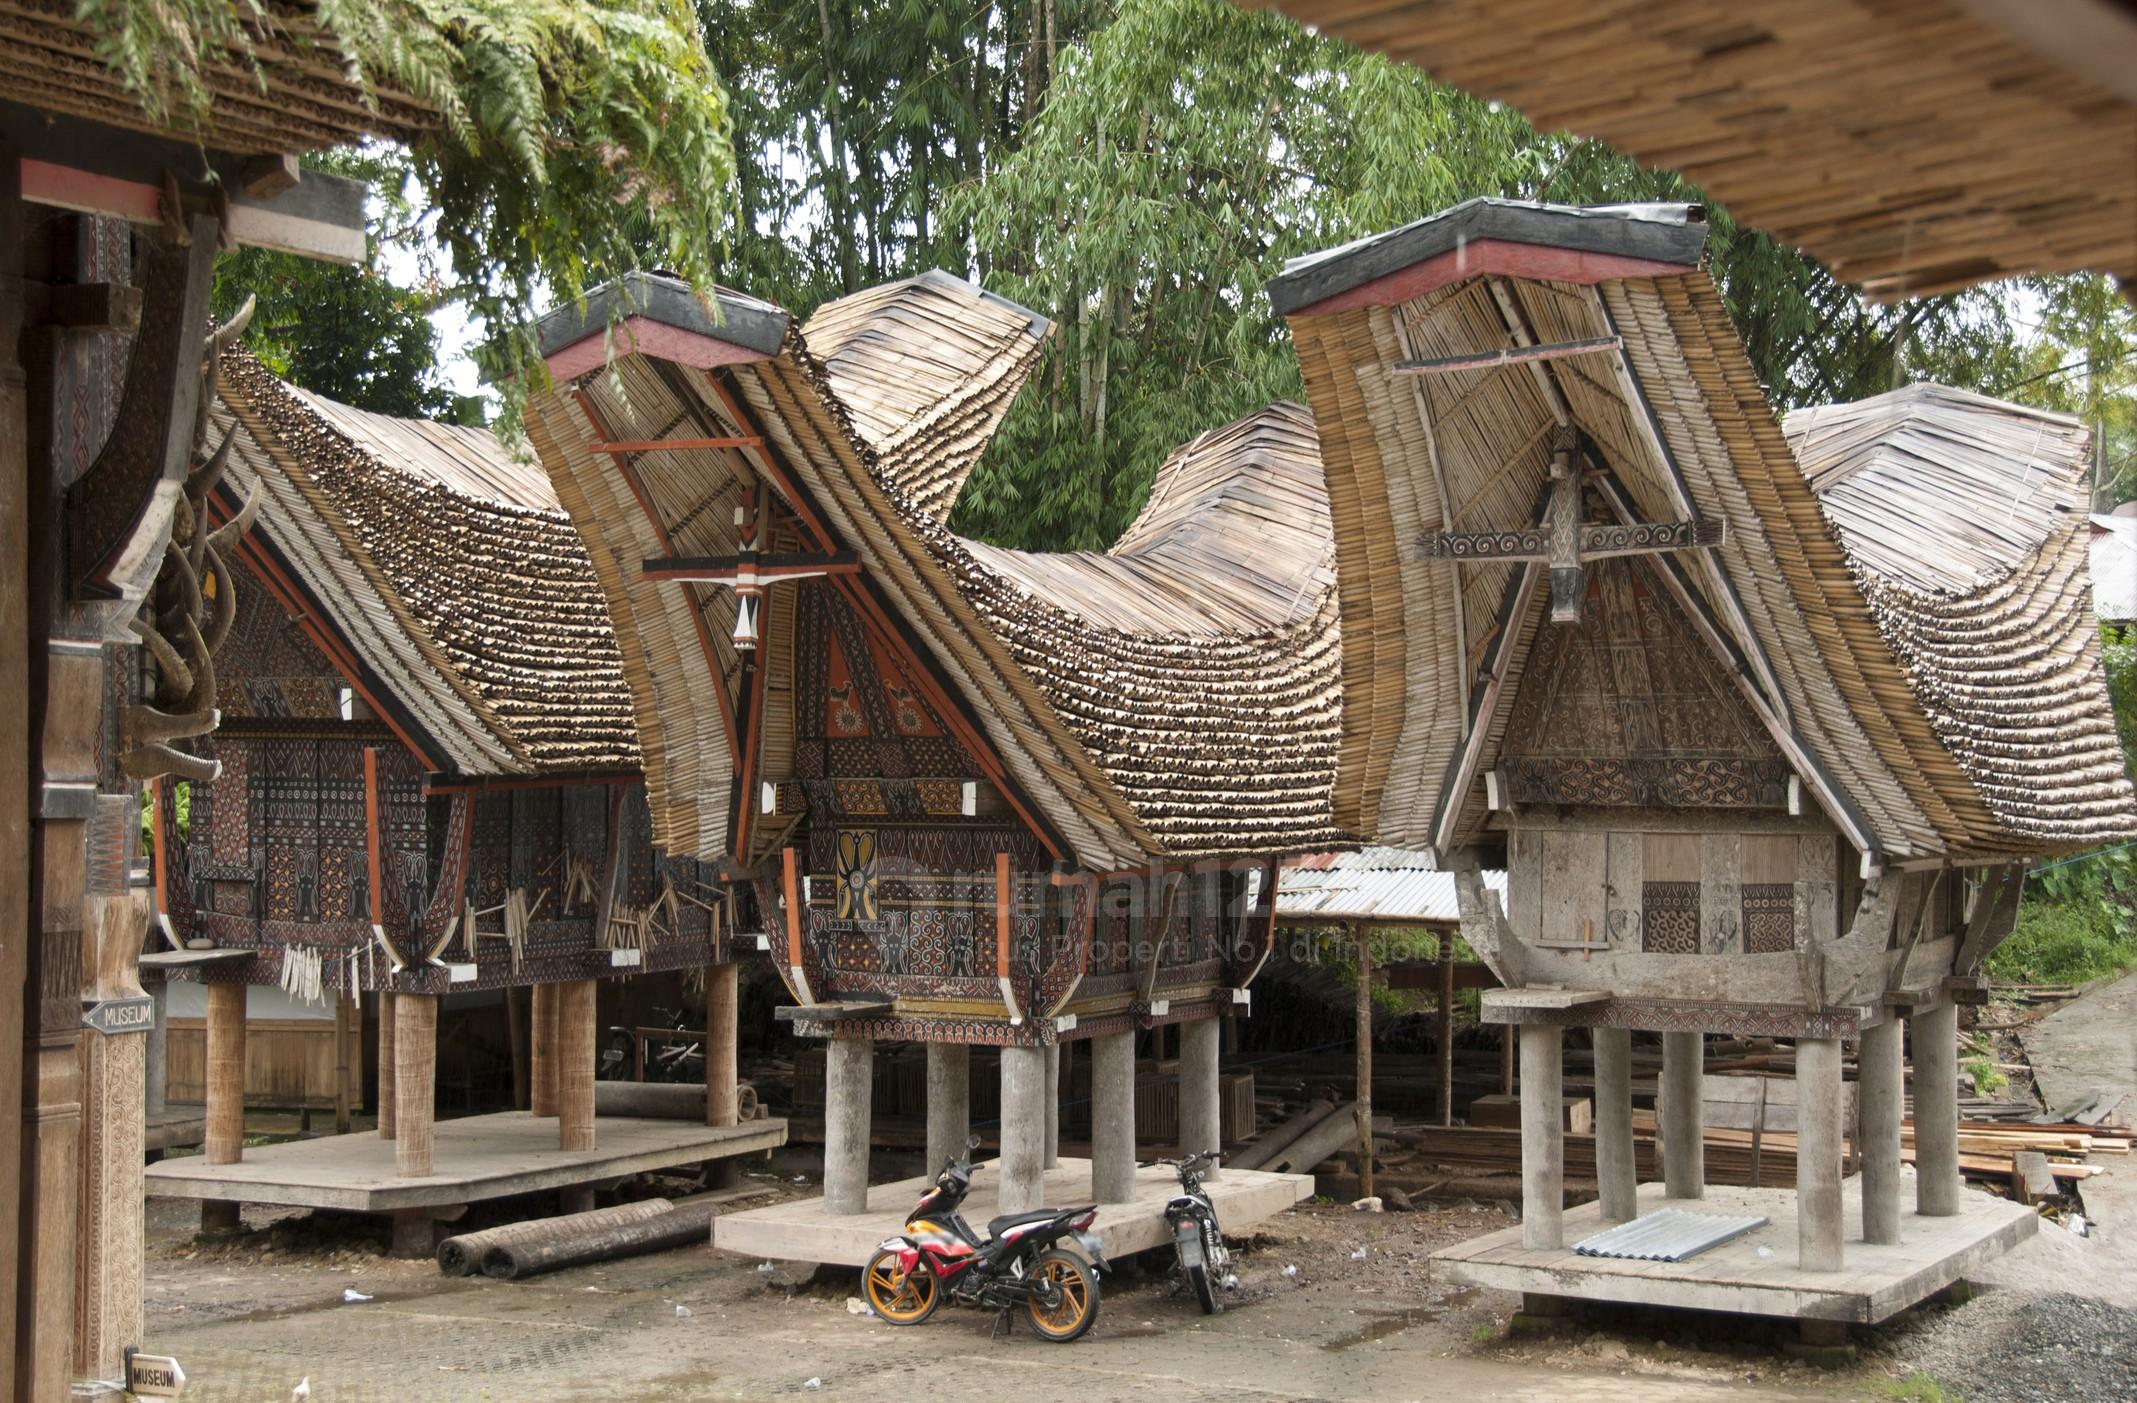 9300 Koleksi Gambar Berikut Yg Menunjukkan Rumah Adat Suku Minangkabau Yaitu Gratis Terbaik